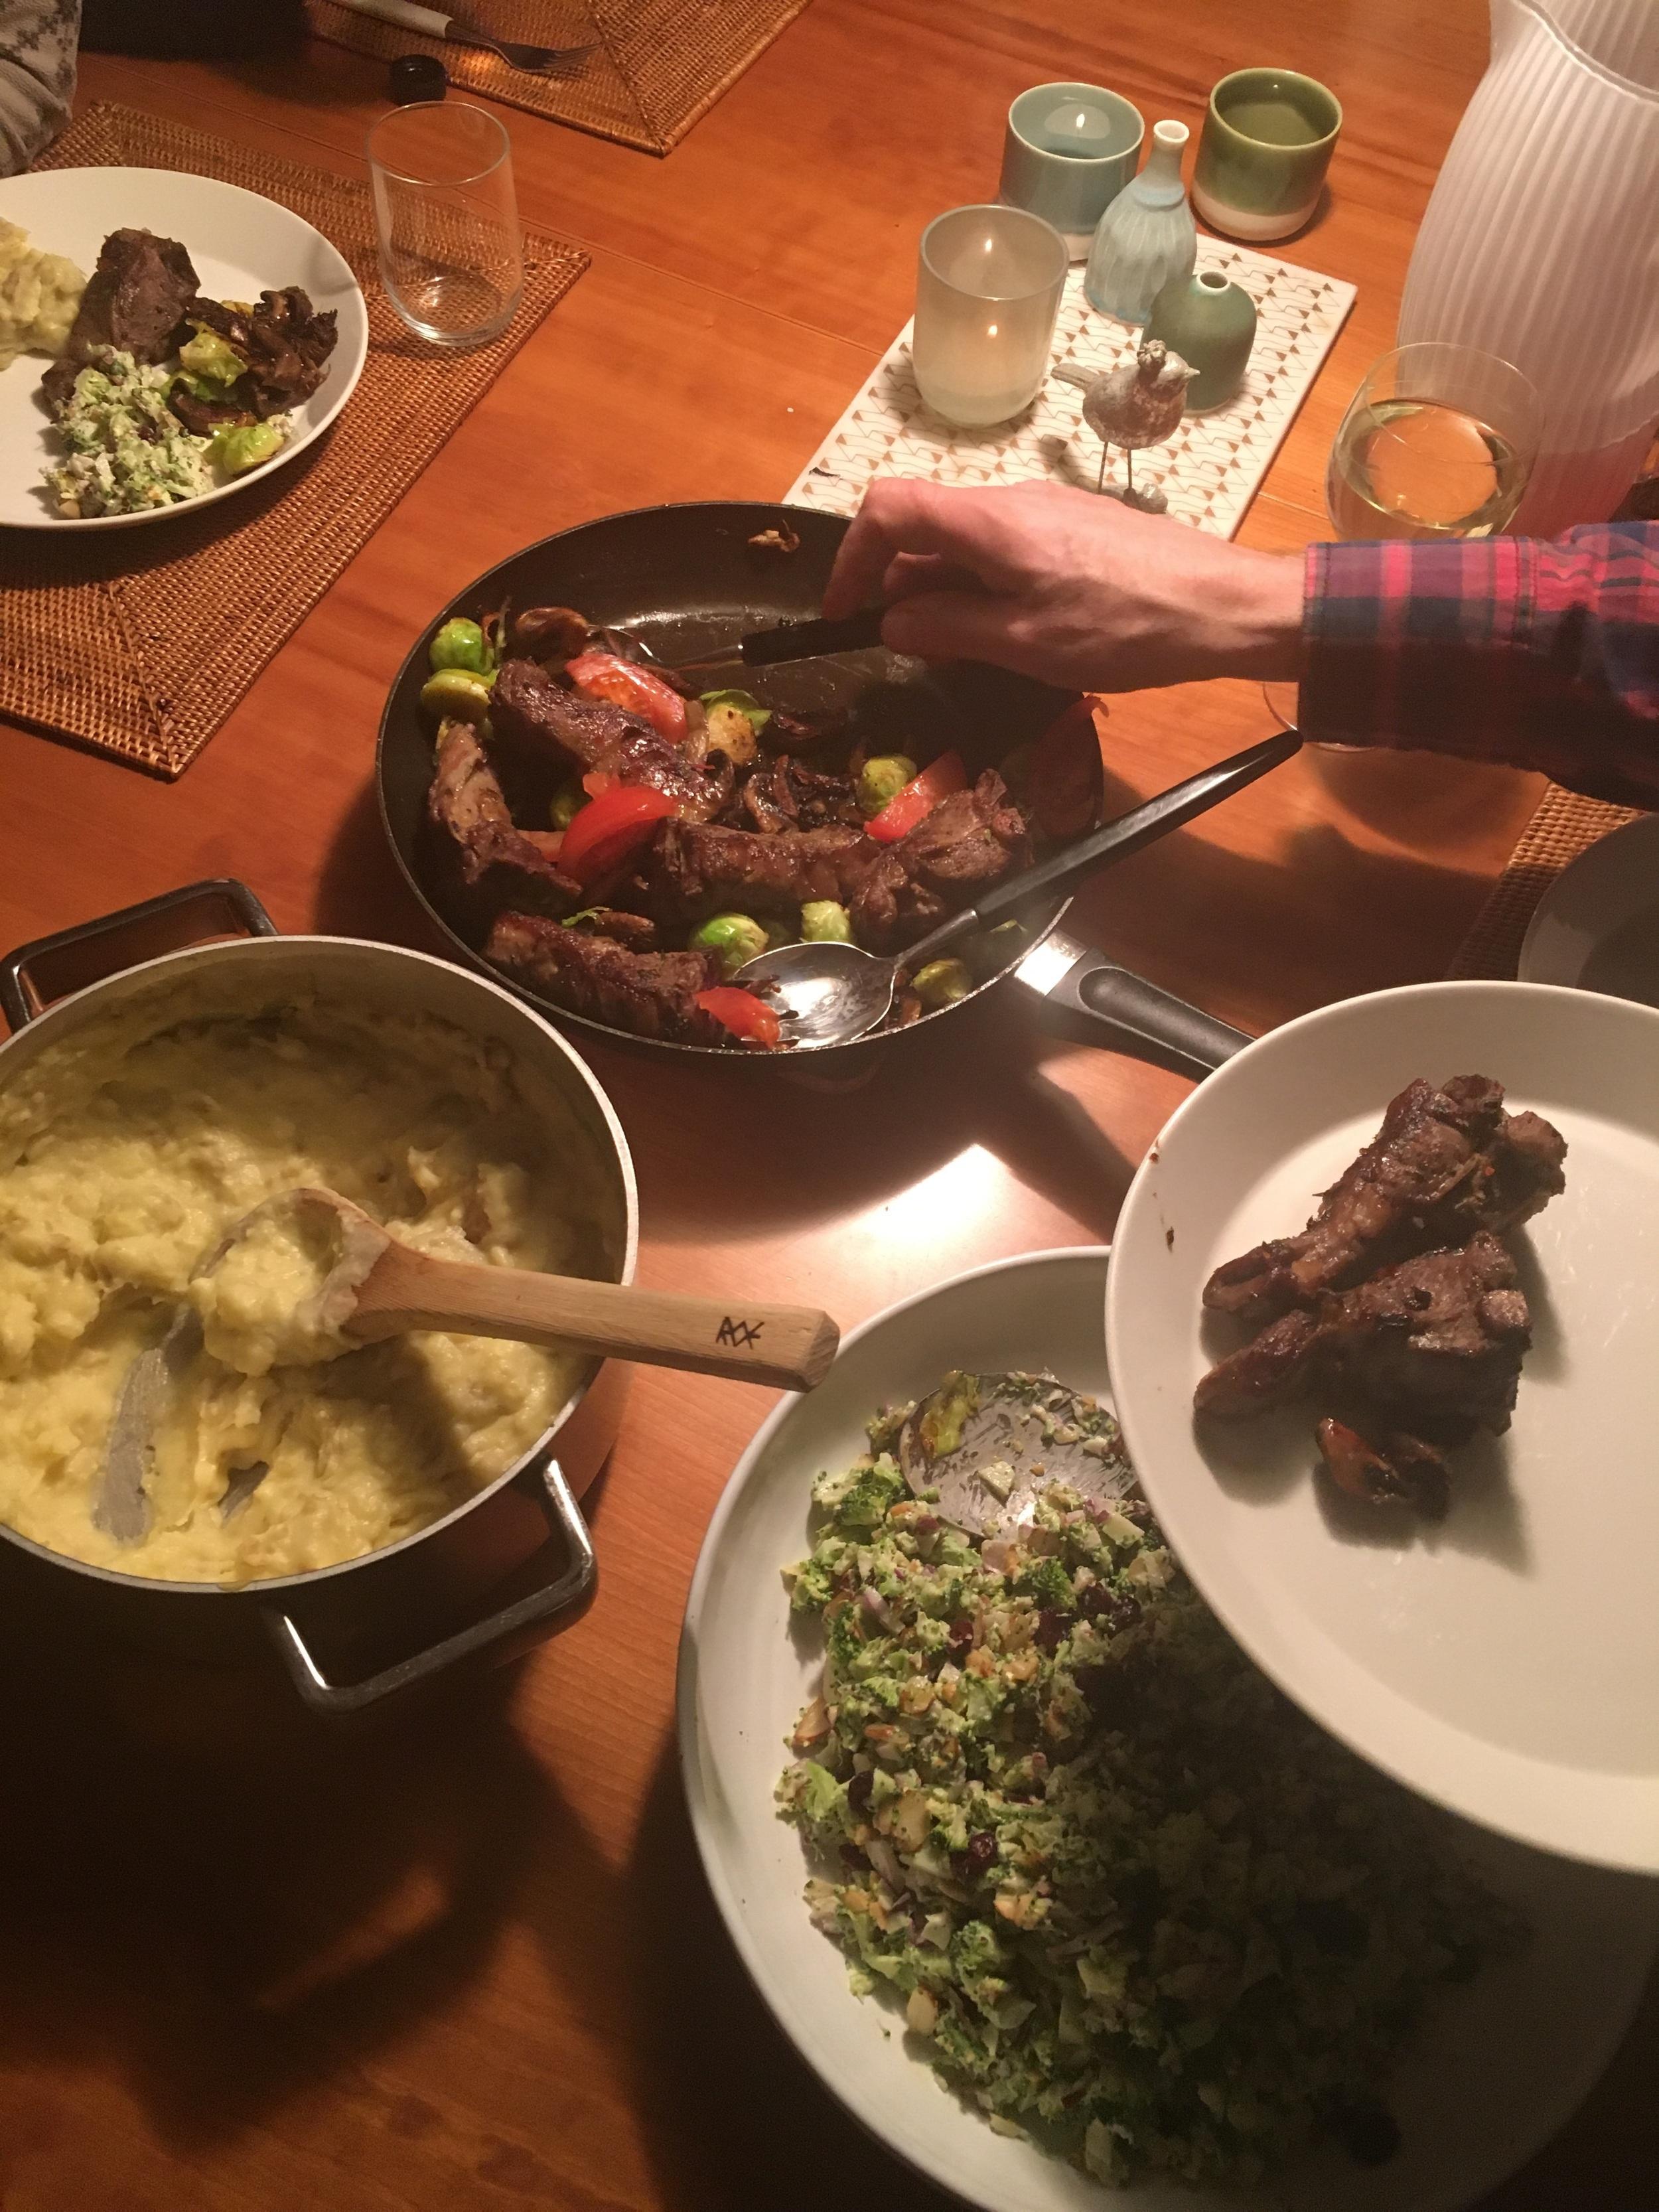 Alltid litt småkaos med forskjellige gryter og fat, stekepanner og tidvis litt ruskete serveringsbestikk. Men, så lenge maten er god... 😊